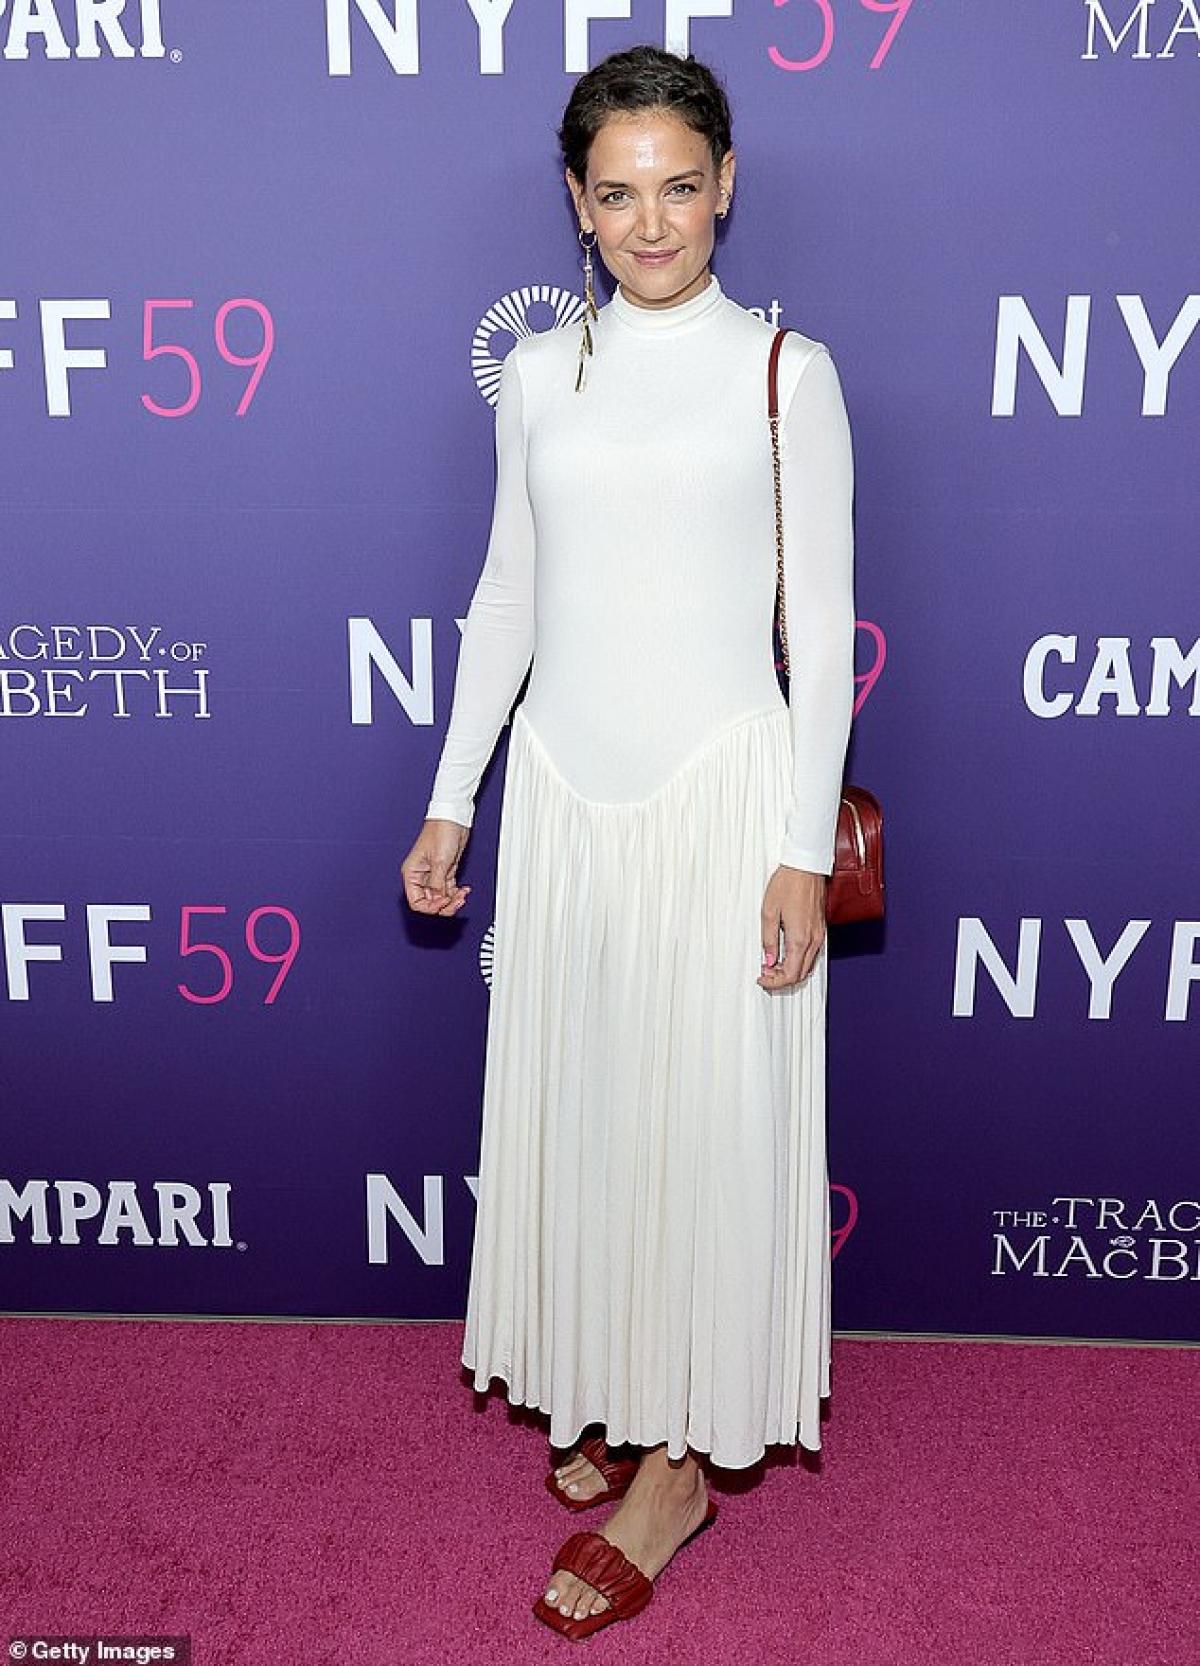 Nữ diễn viên diện đầm trắng bó sát gợi cảm.